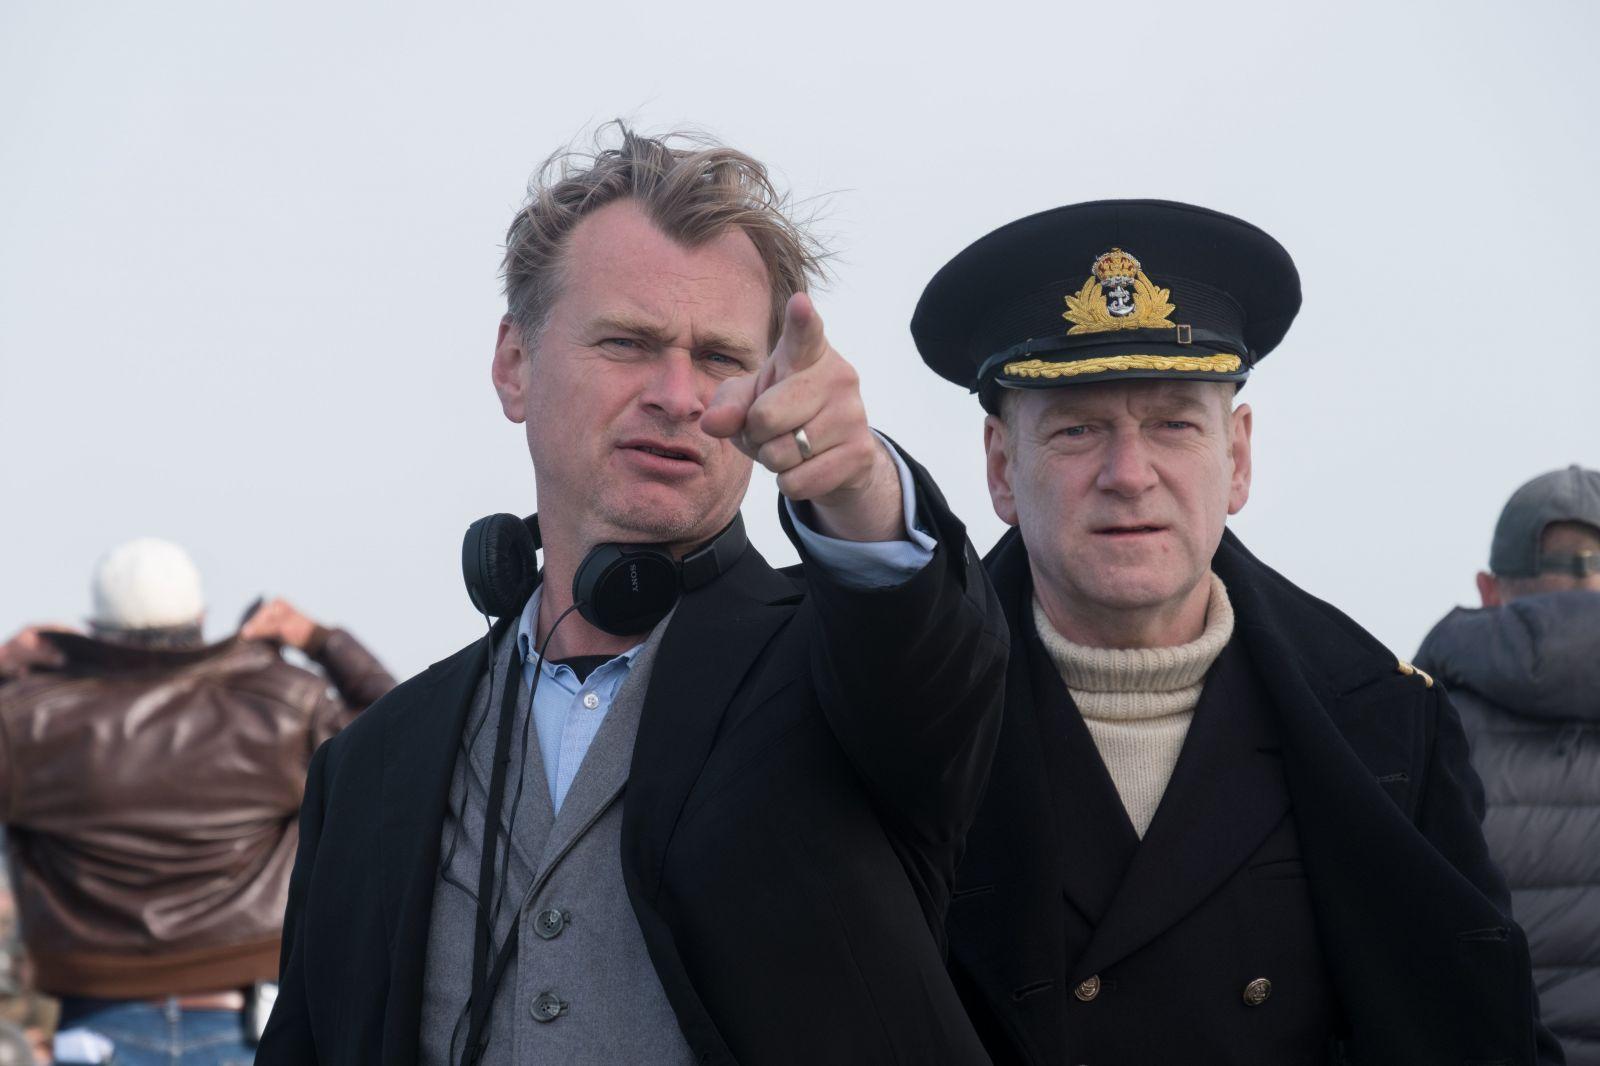 Ďalší film Christophera Nolana bude mať premiéru v lete 2020!